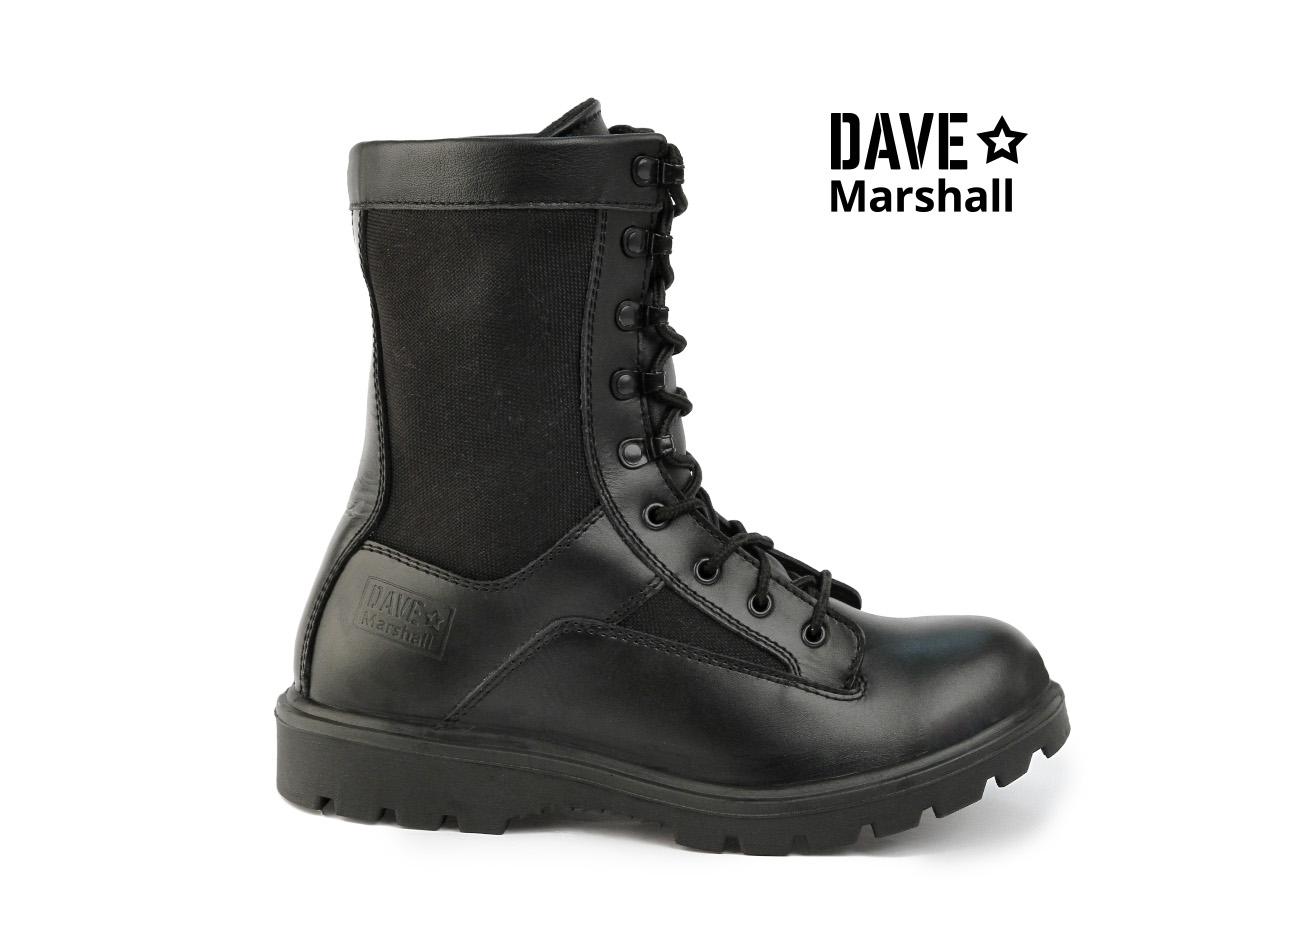 Ботинки кожаные облегченные с высокими Берцы<br><br><br>Пол: мужской<br>Размер: 43<br>Сезон: лето<br>Цвет: черный